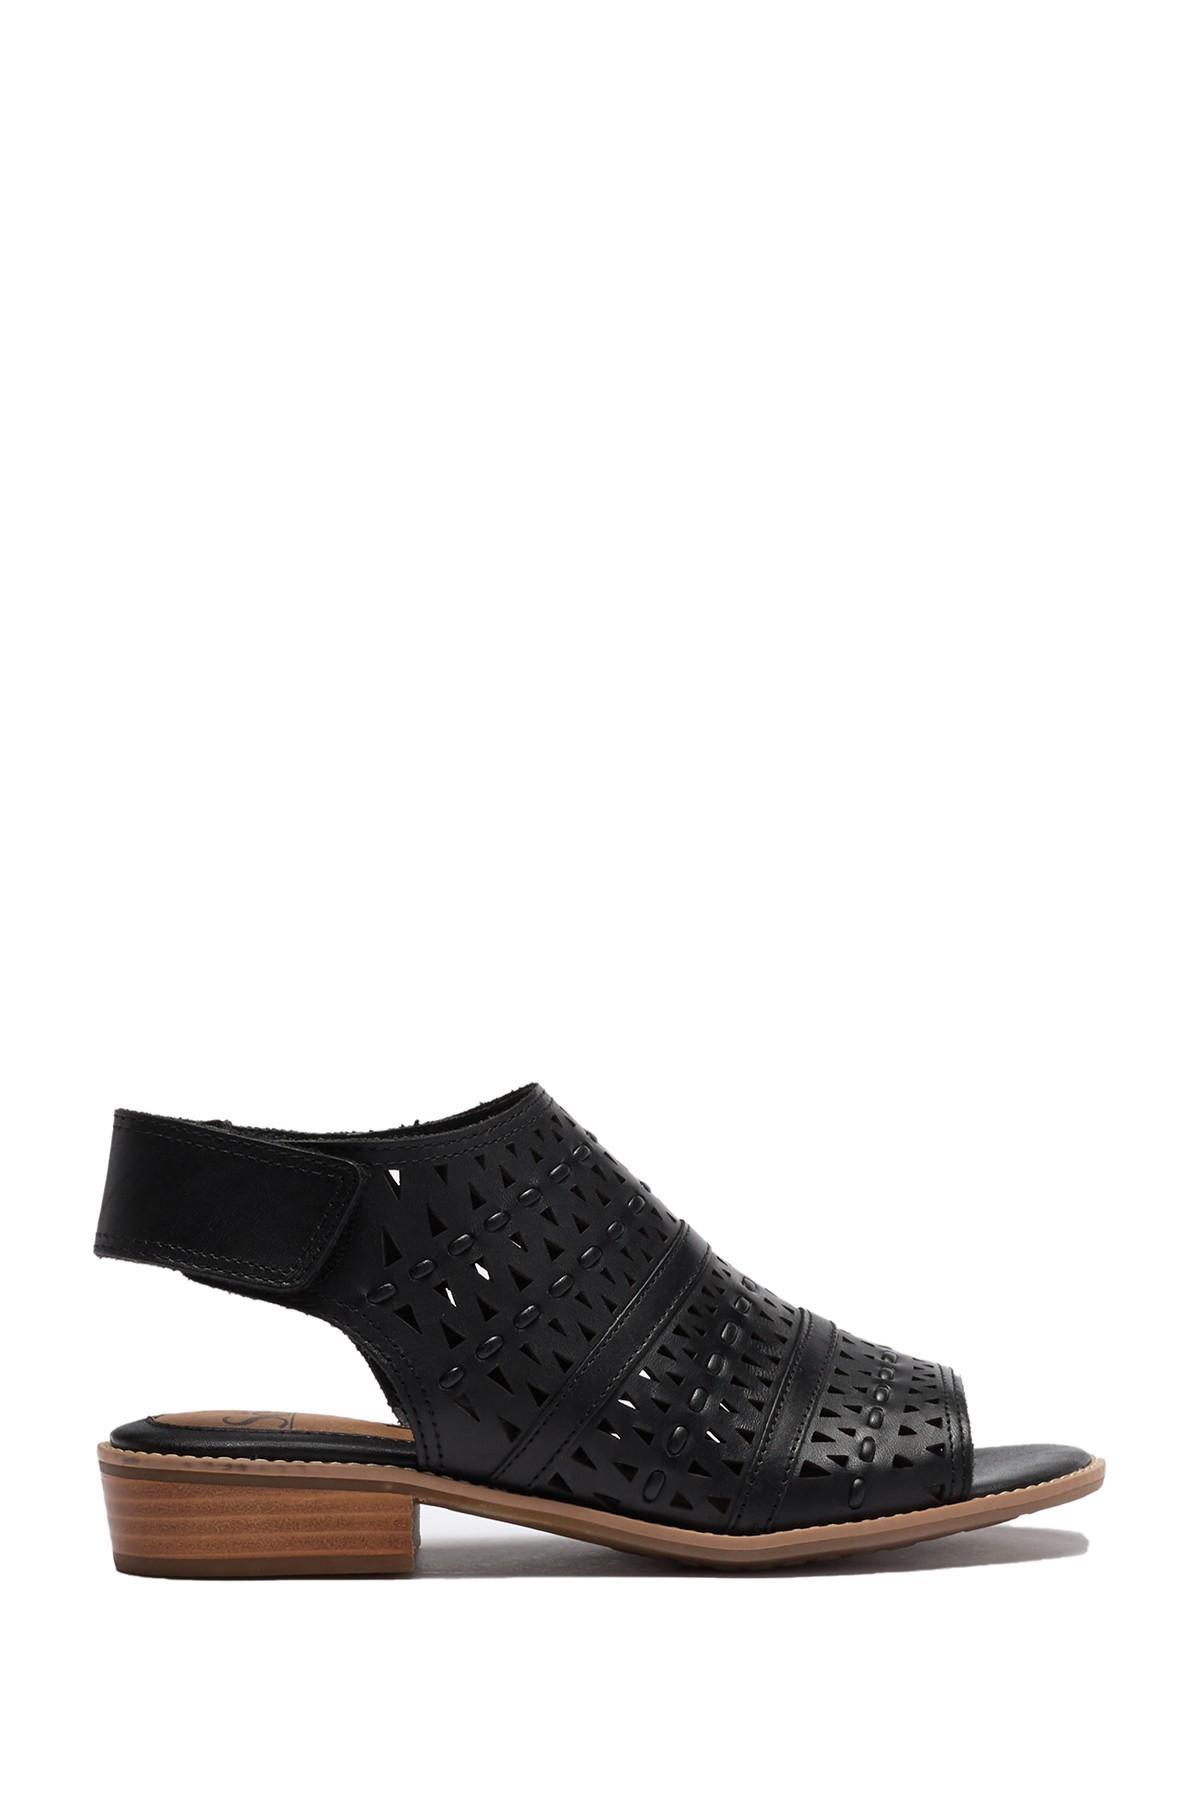 bb61509d Söfft Black Natalee Perforated Peep Toe Sandal